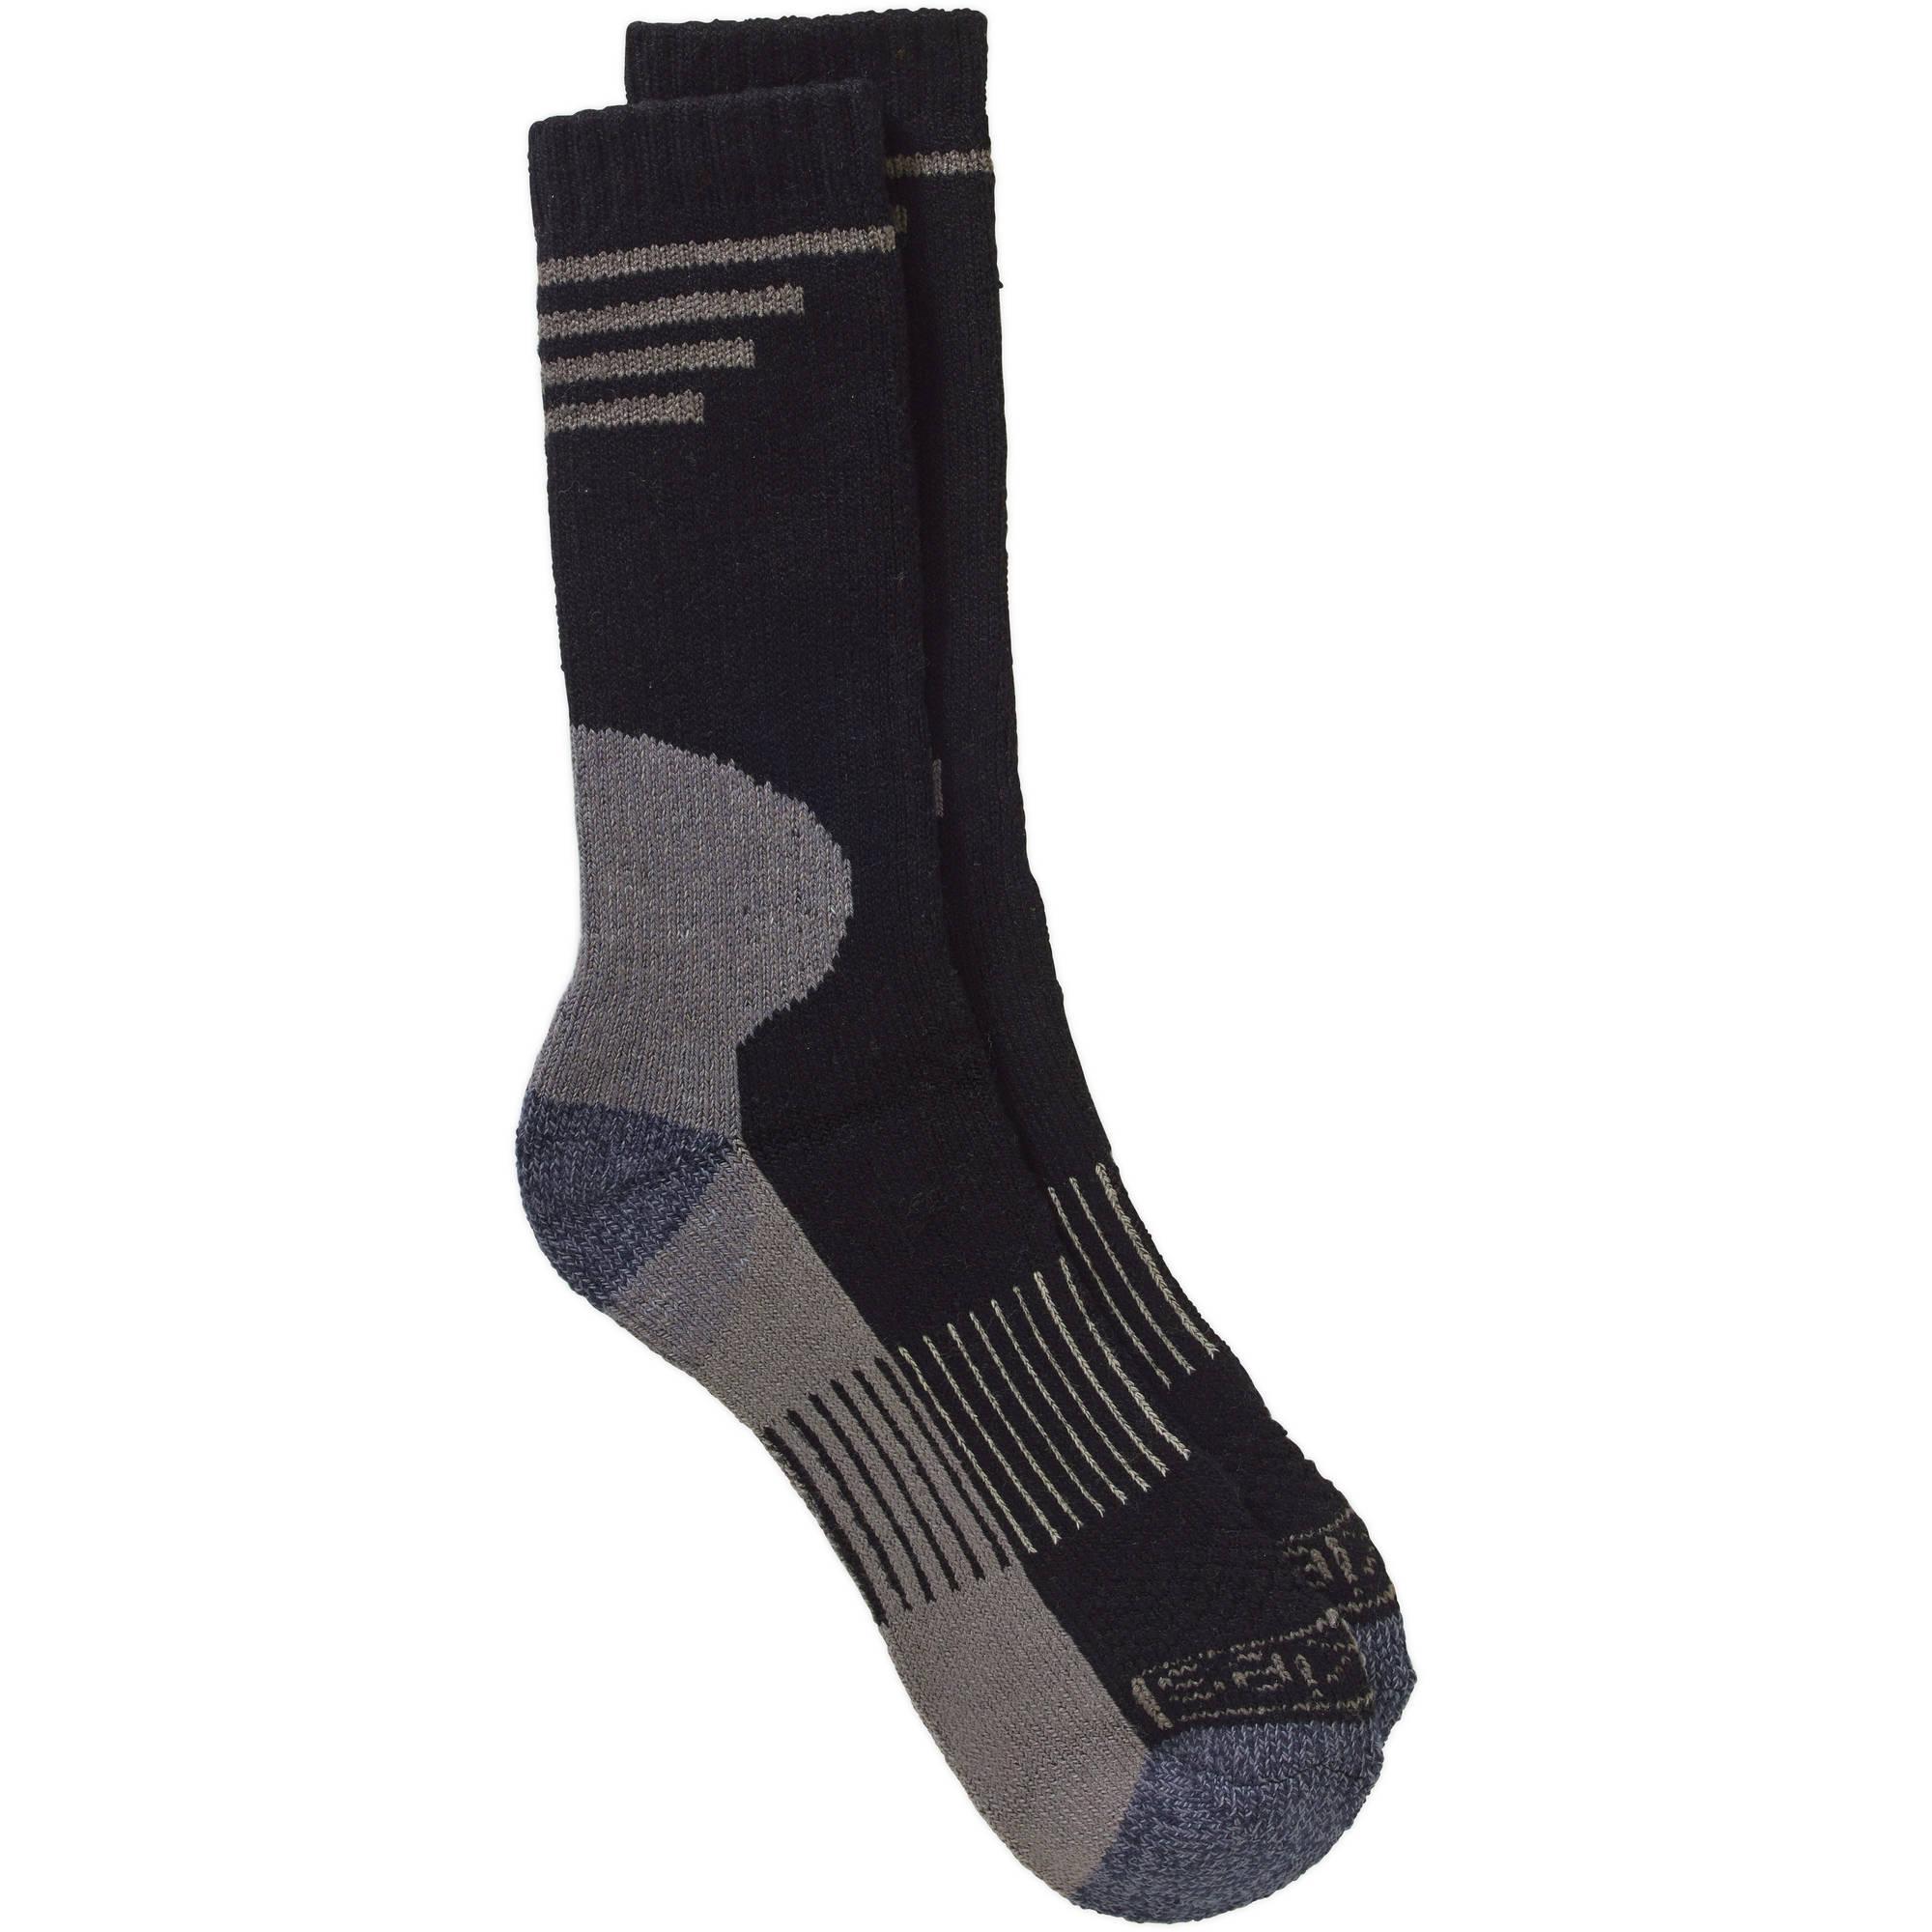 Dickies Men's All Season Cotton Crew Sock, 1 Pack